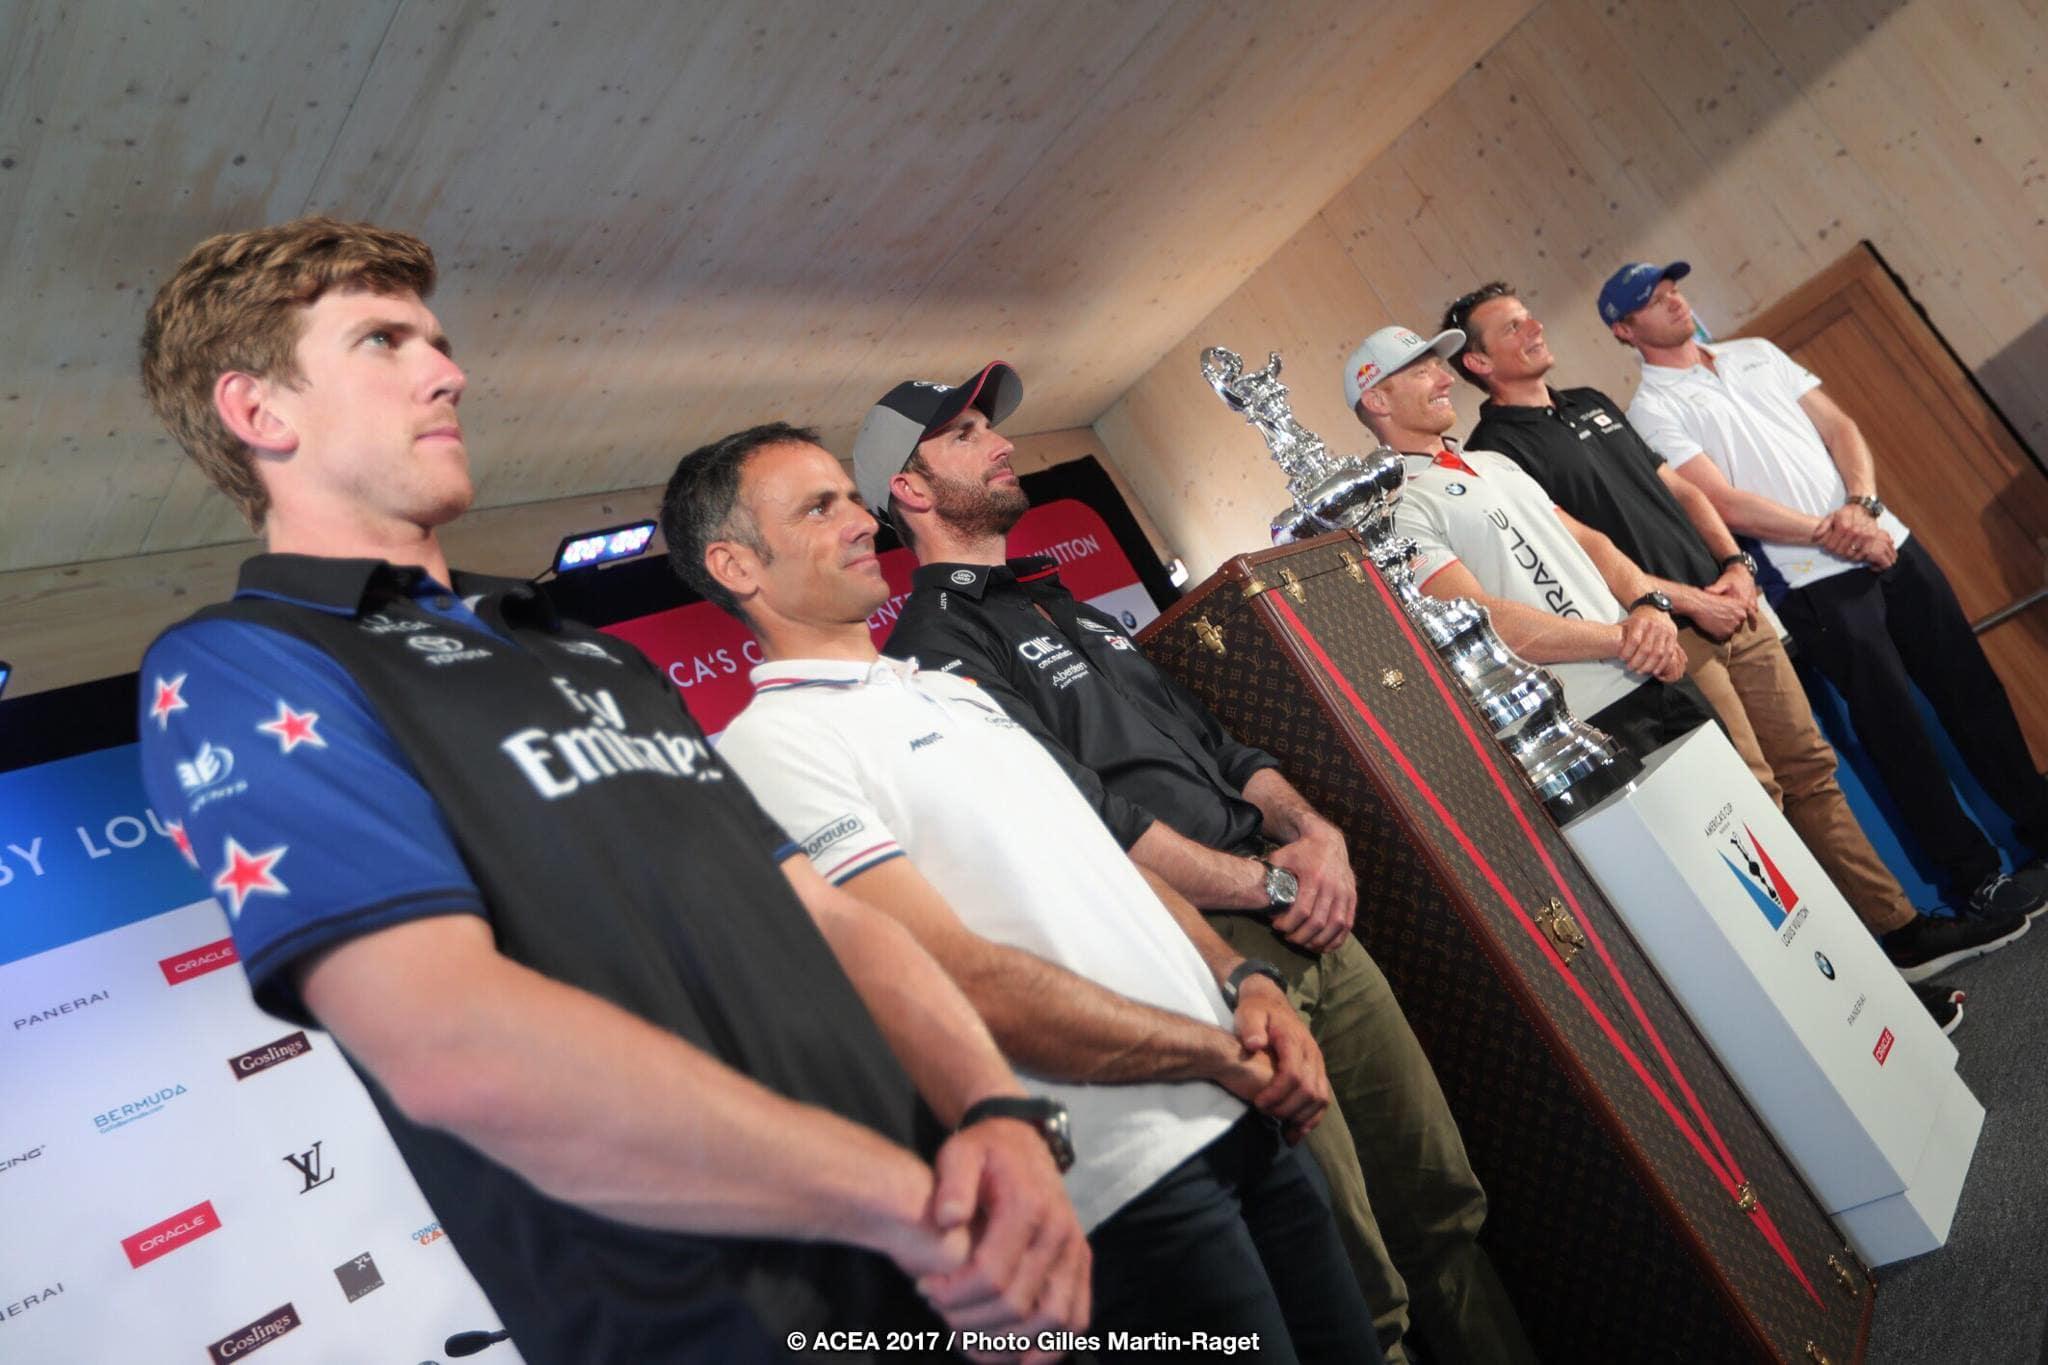 Five America's Cup helmsmen. Five blokes. Photo Gilles Martin-Raget/ACEA.